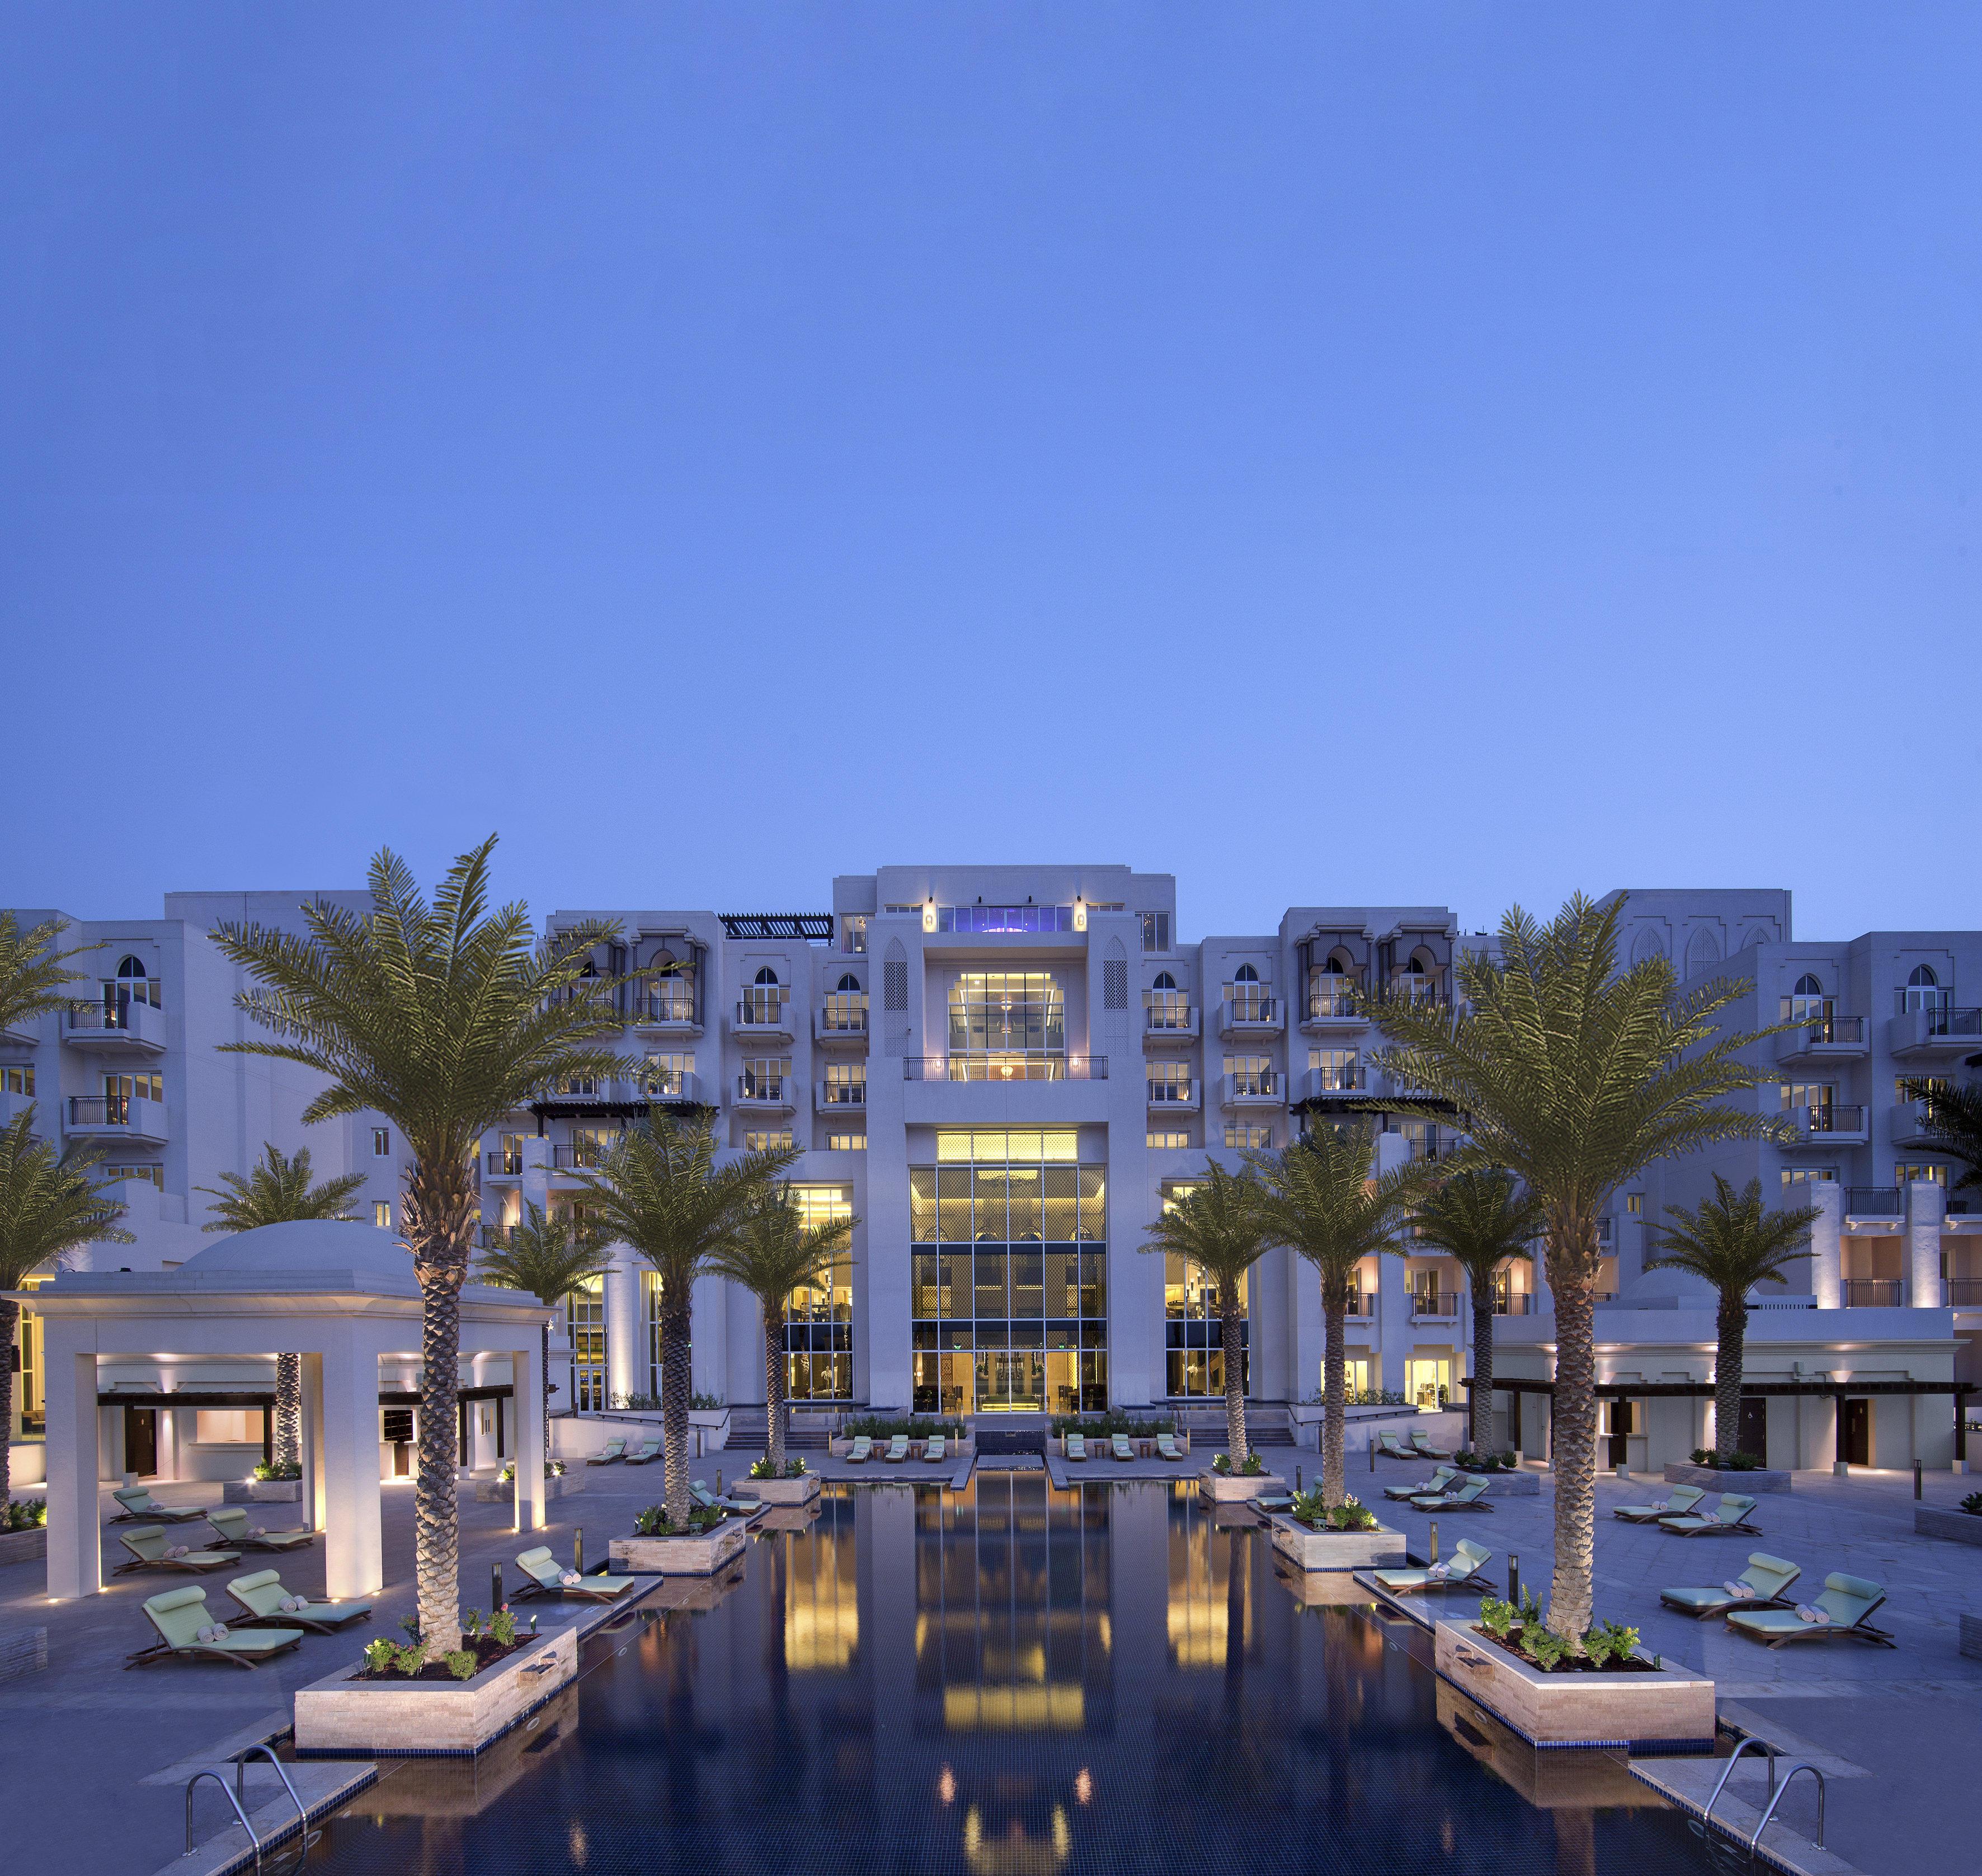 Anantara Eastern Mangroves Hotel & Spa In Abu Dhabi